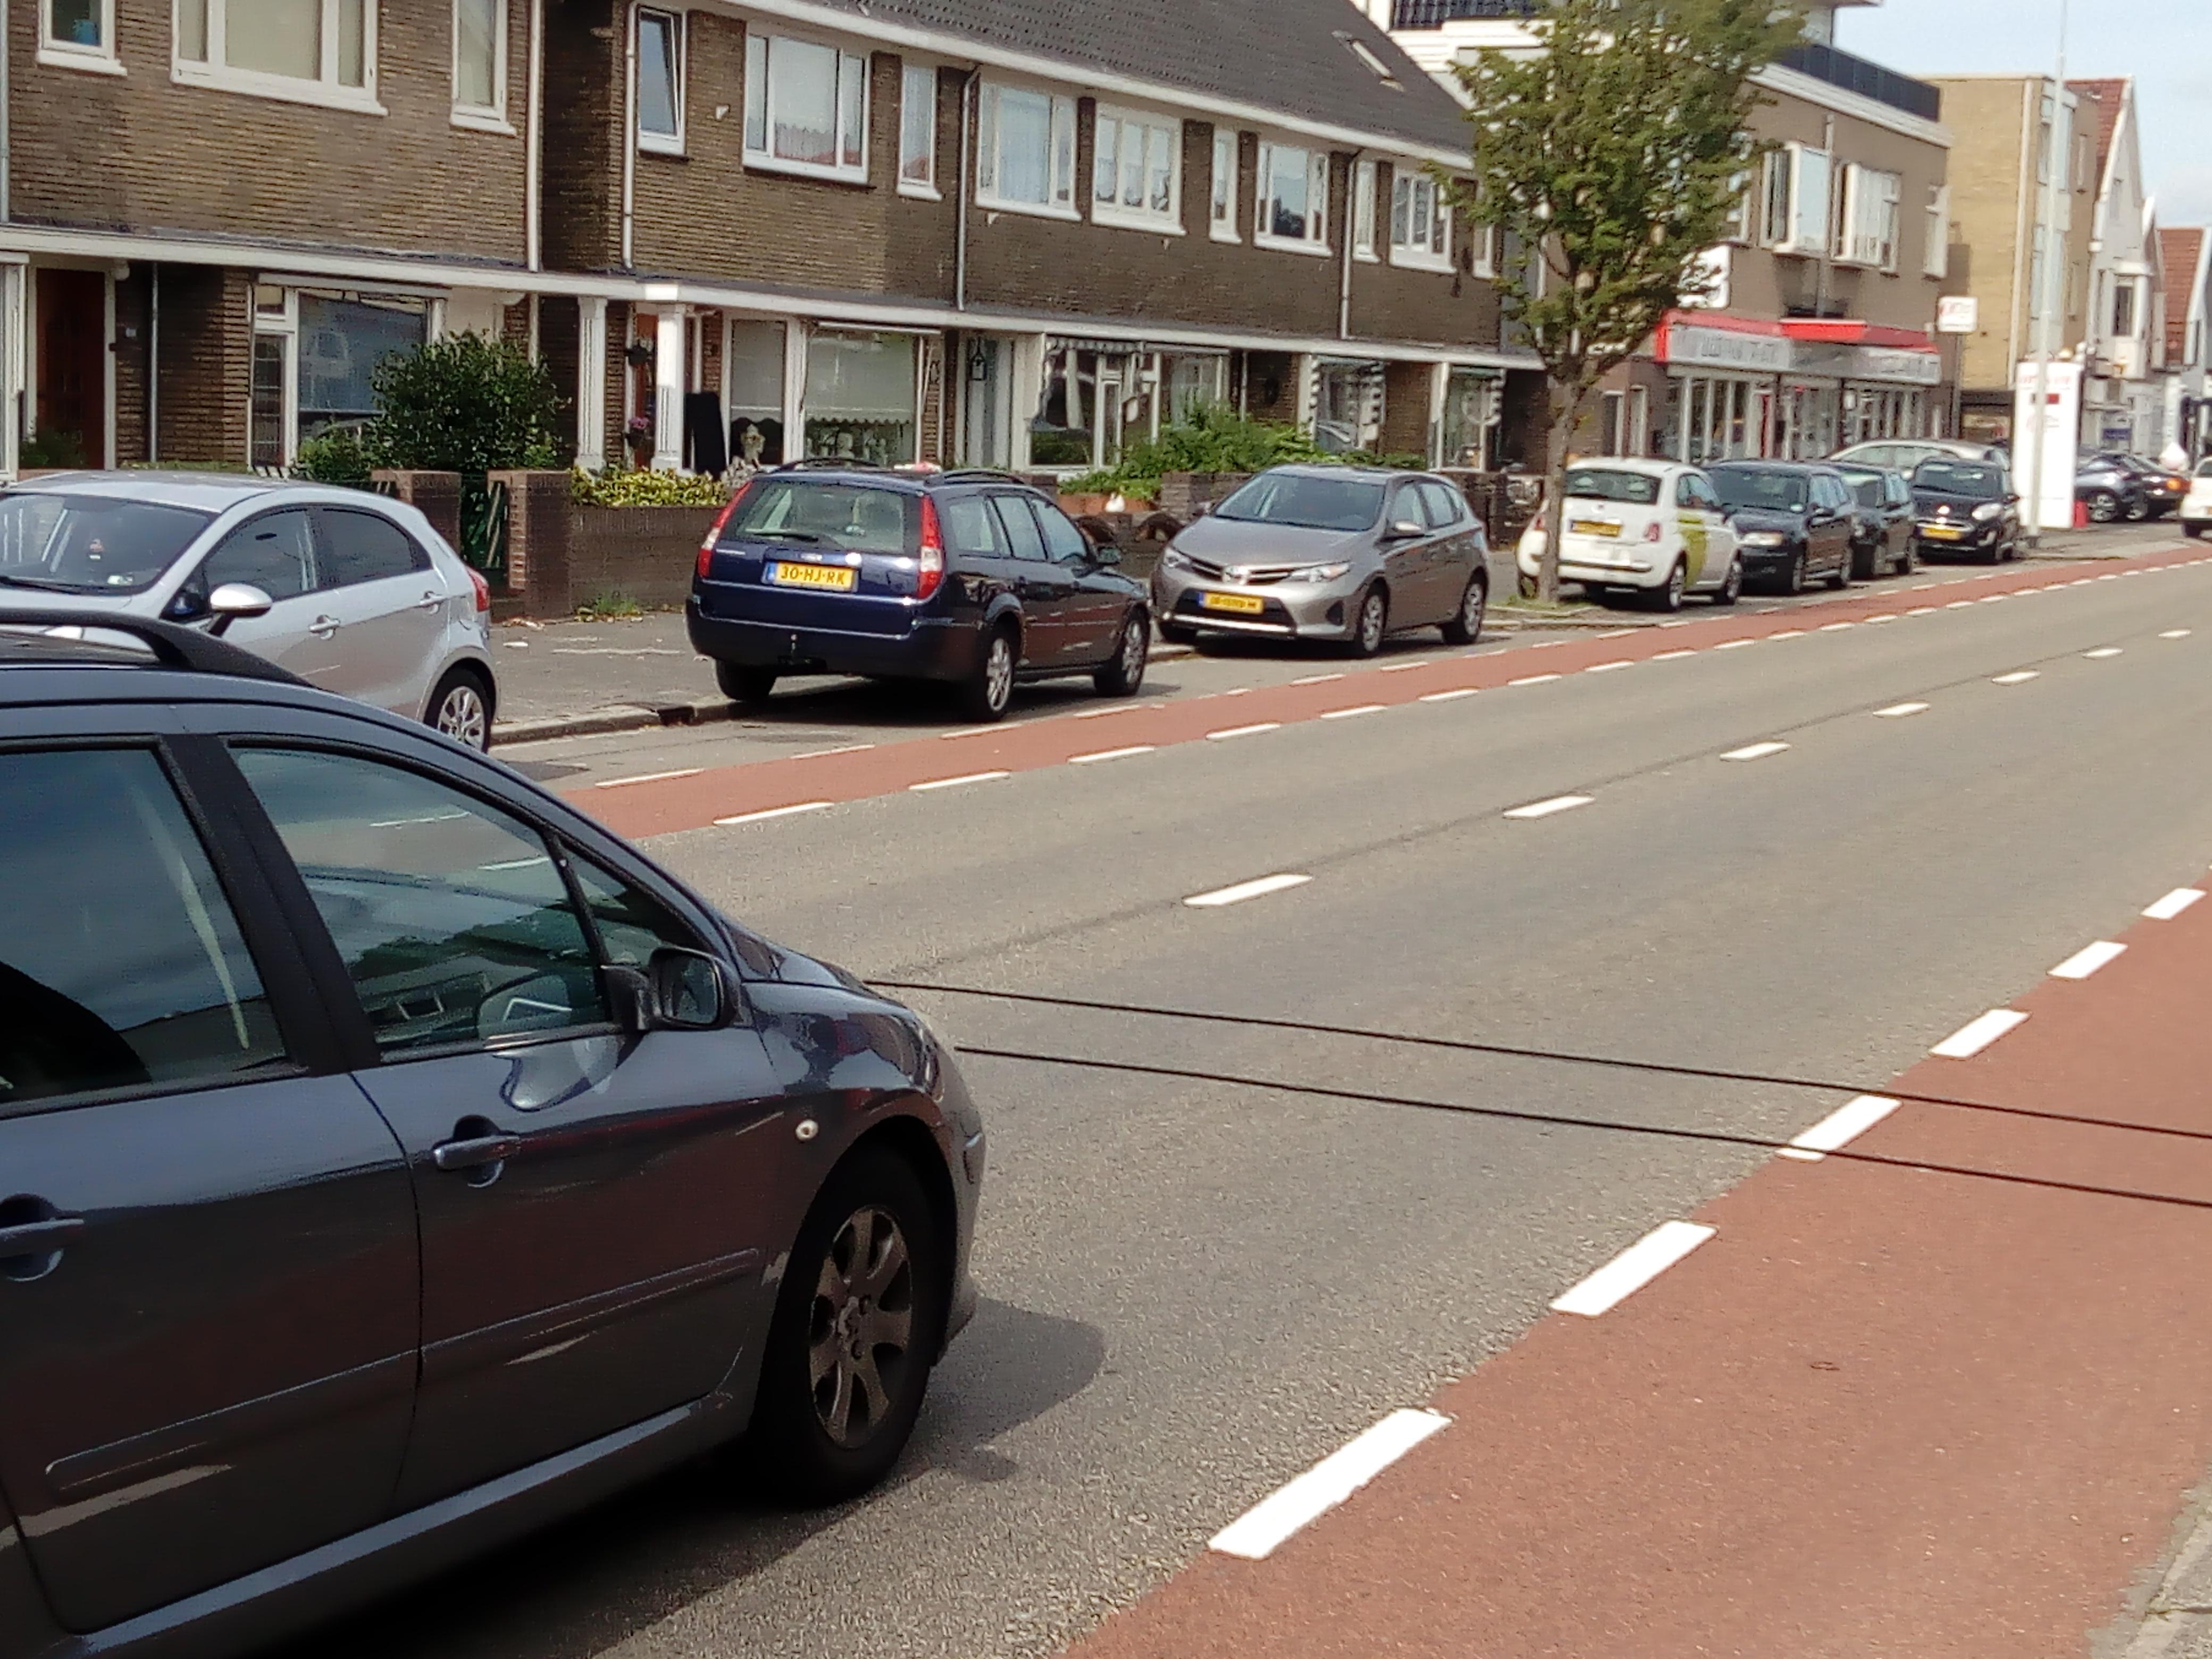 Een auto rijdt over een van de meetsystemen waarmee de verkeerstellingen worden uitgevoerd. (Foto: Bos Media Services)